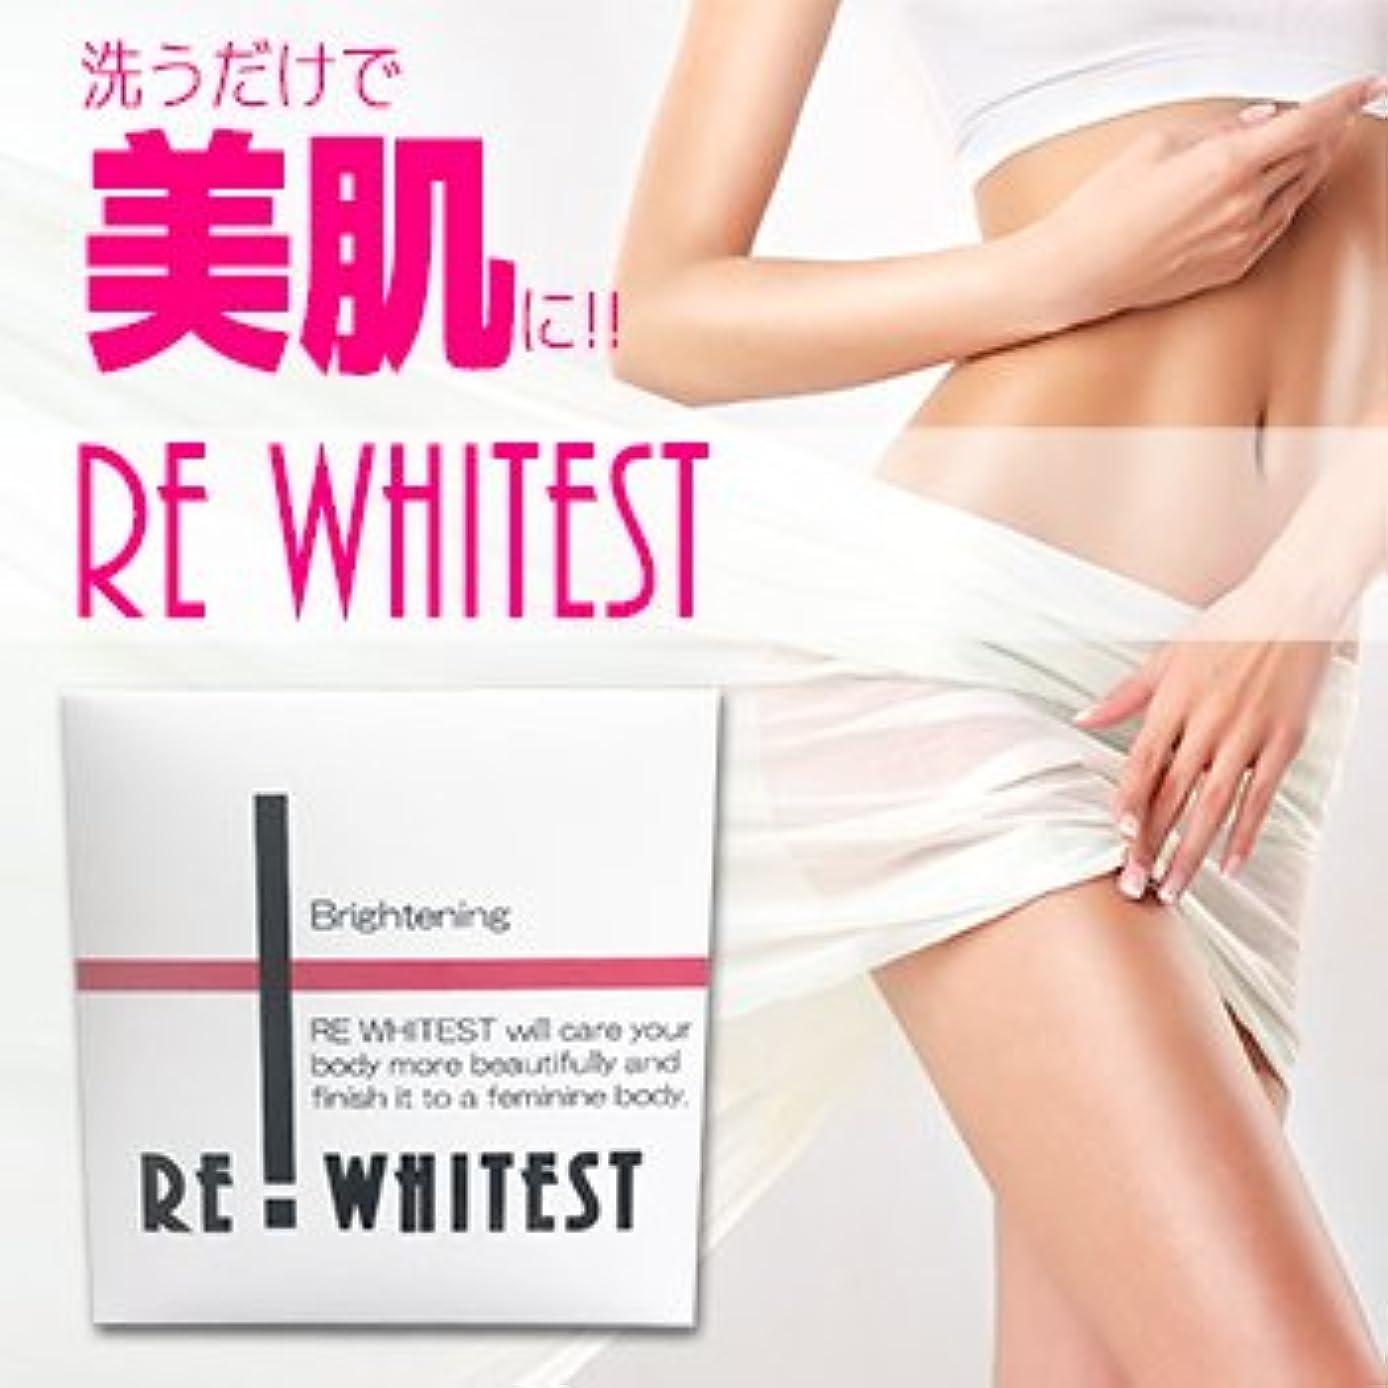 気分が悪い類人猿分離するパパイン+イソフラボン配合女性用美肌石鹸 REWHITEST-リホワイテスト-